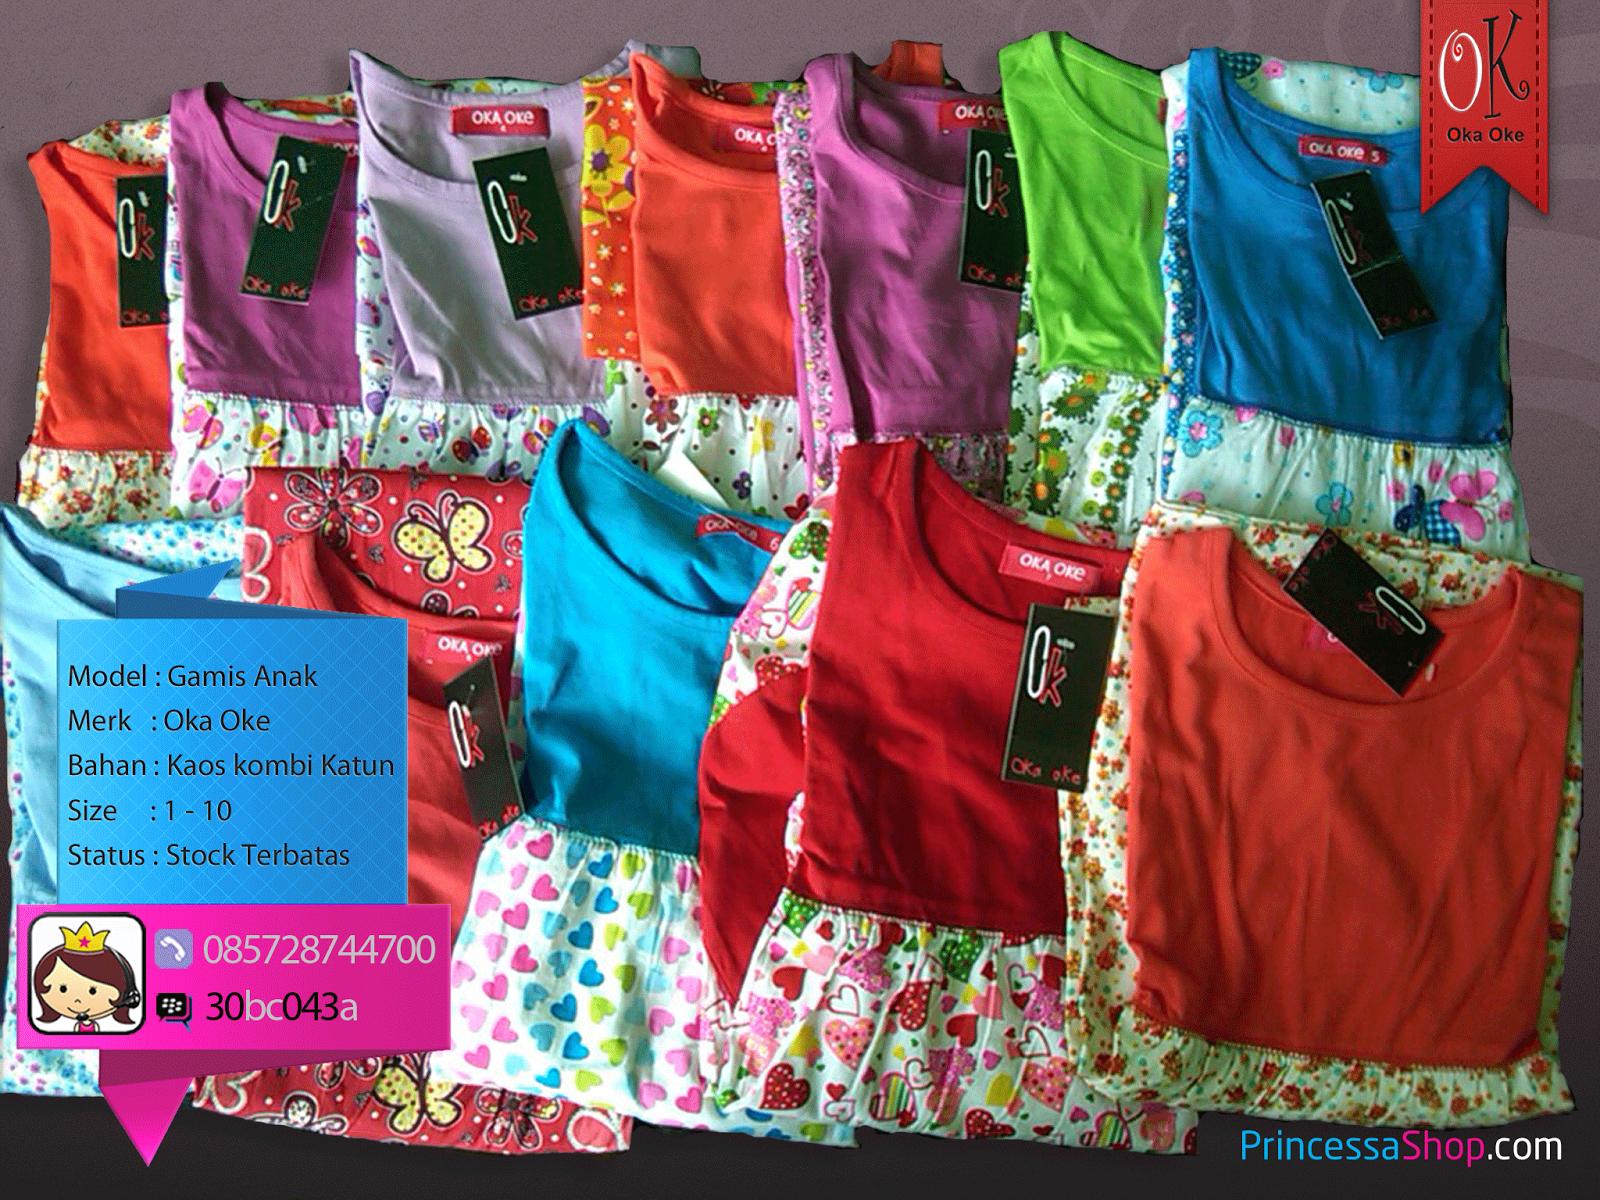 Baju gamis anak model terbaru murah dan bagus baju gamis Baju gamis untuk anak